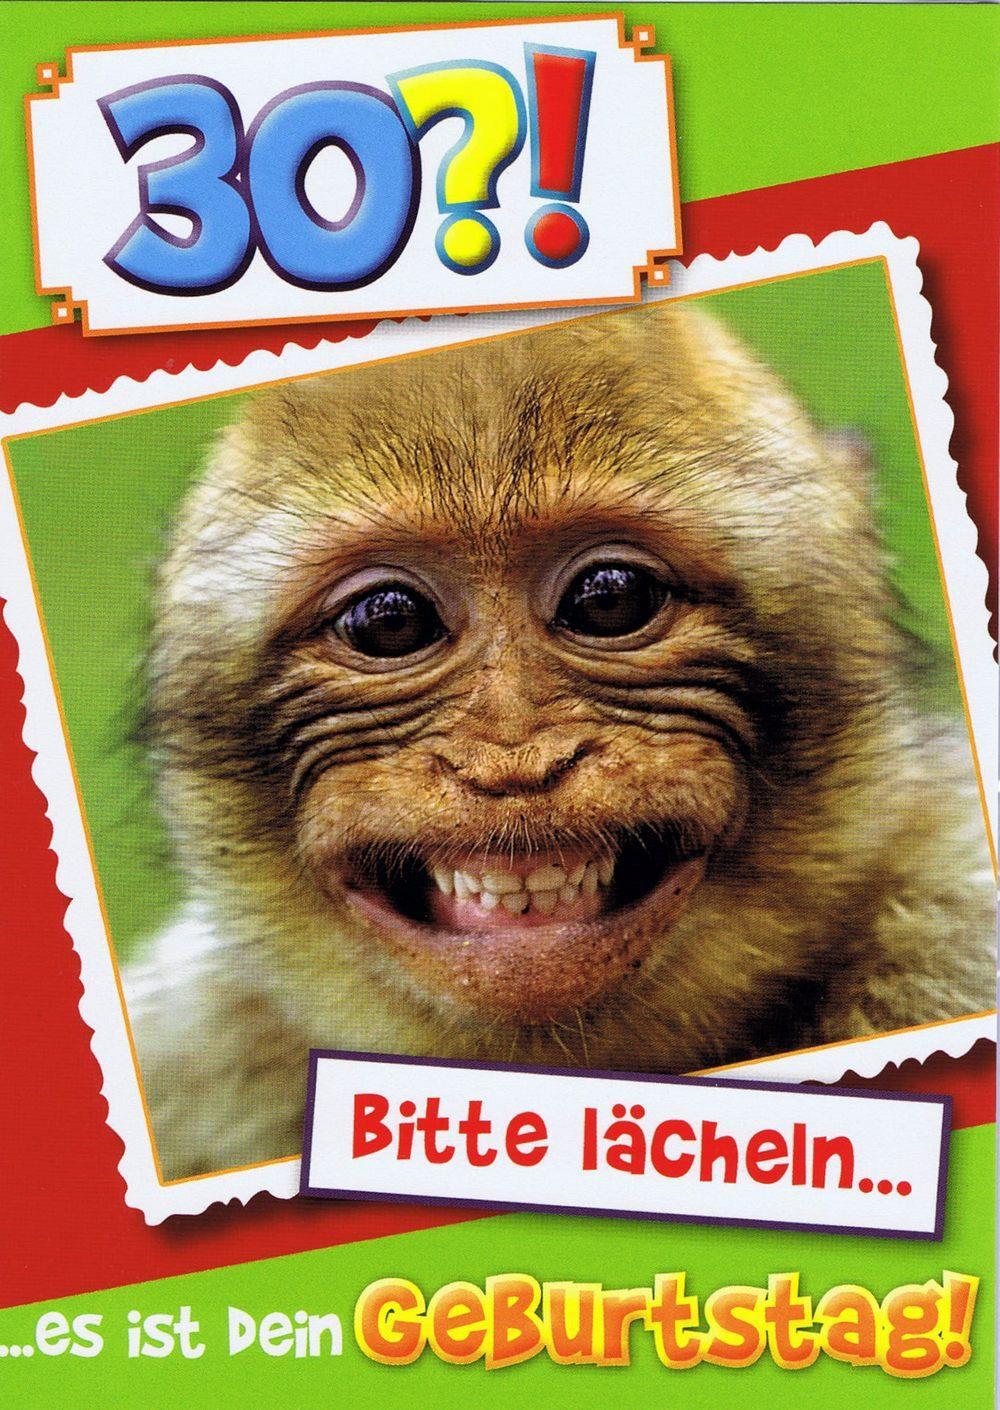 Affige Geburtstagskarte - Bitte lächeln...